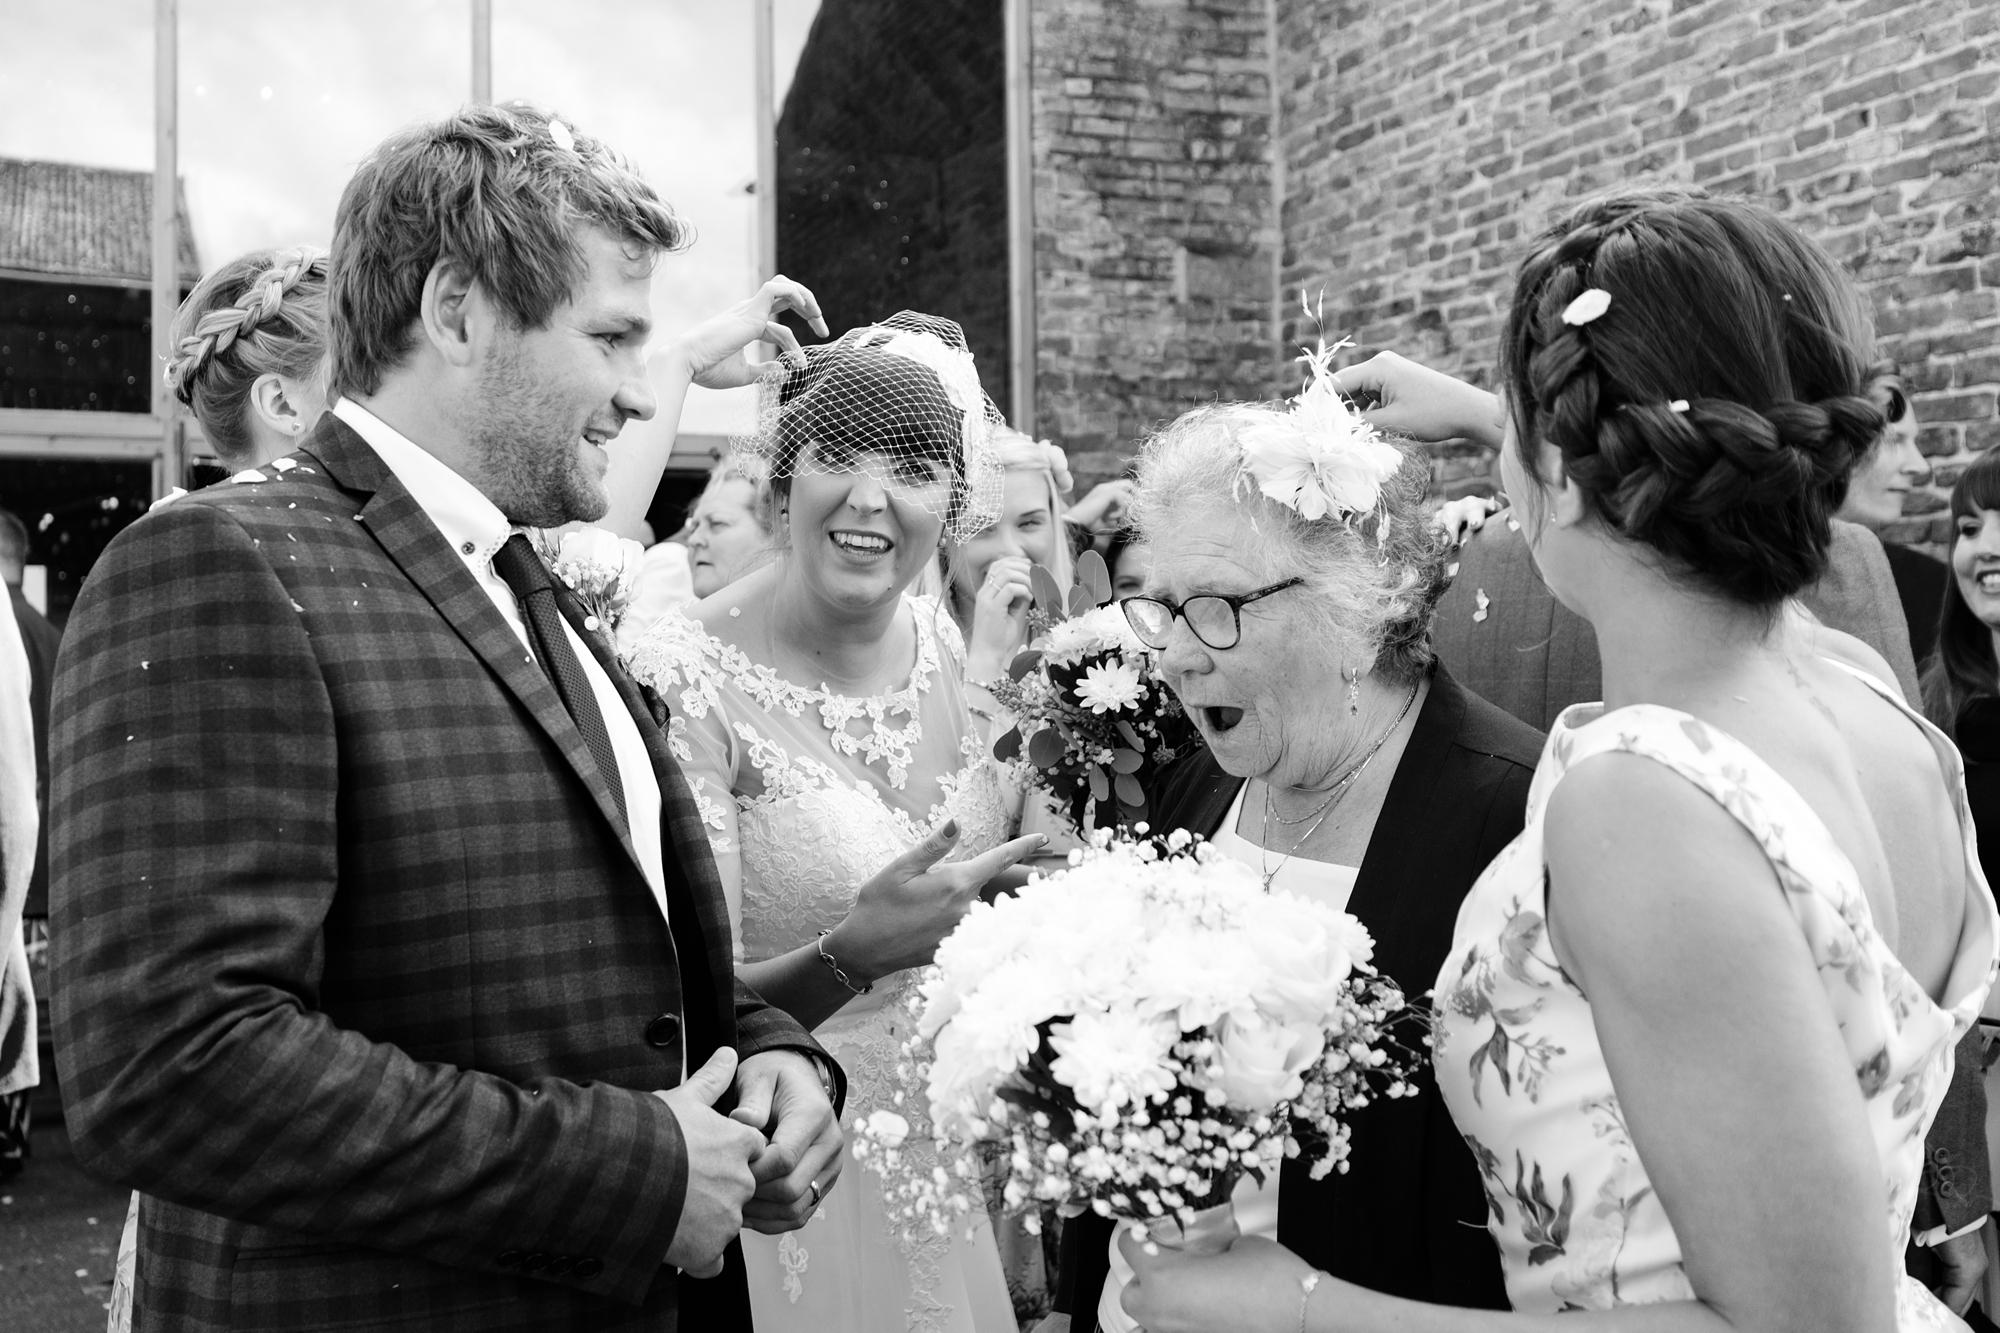 York Wedding Photography at Barmbyfield Barns meet & greet guests